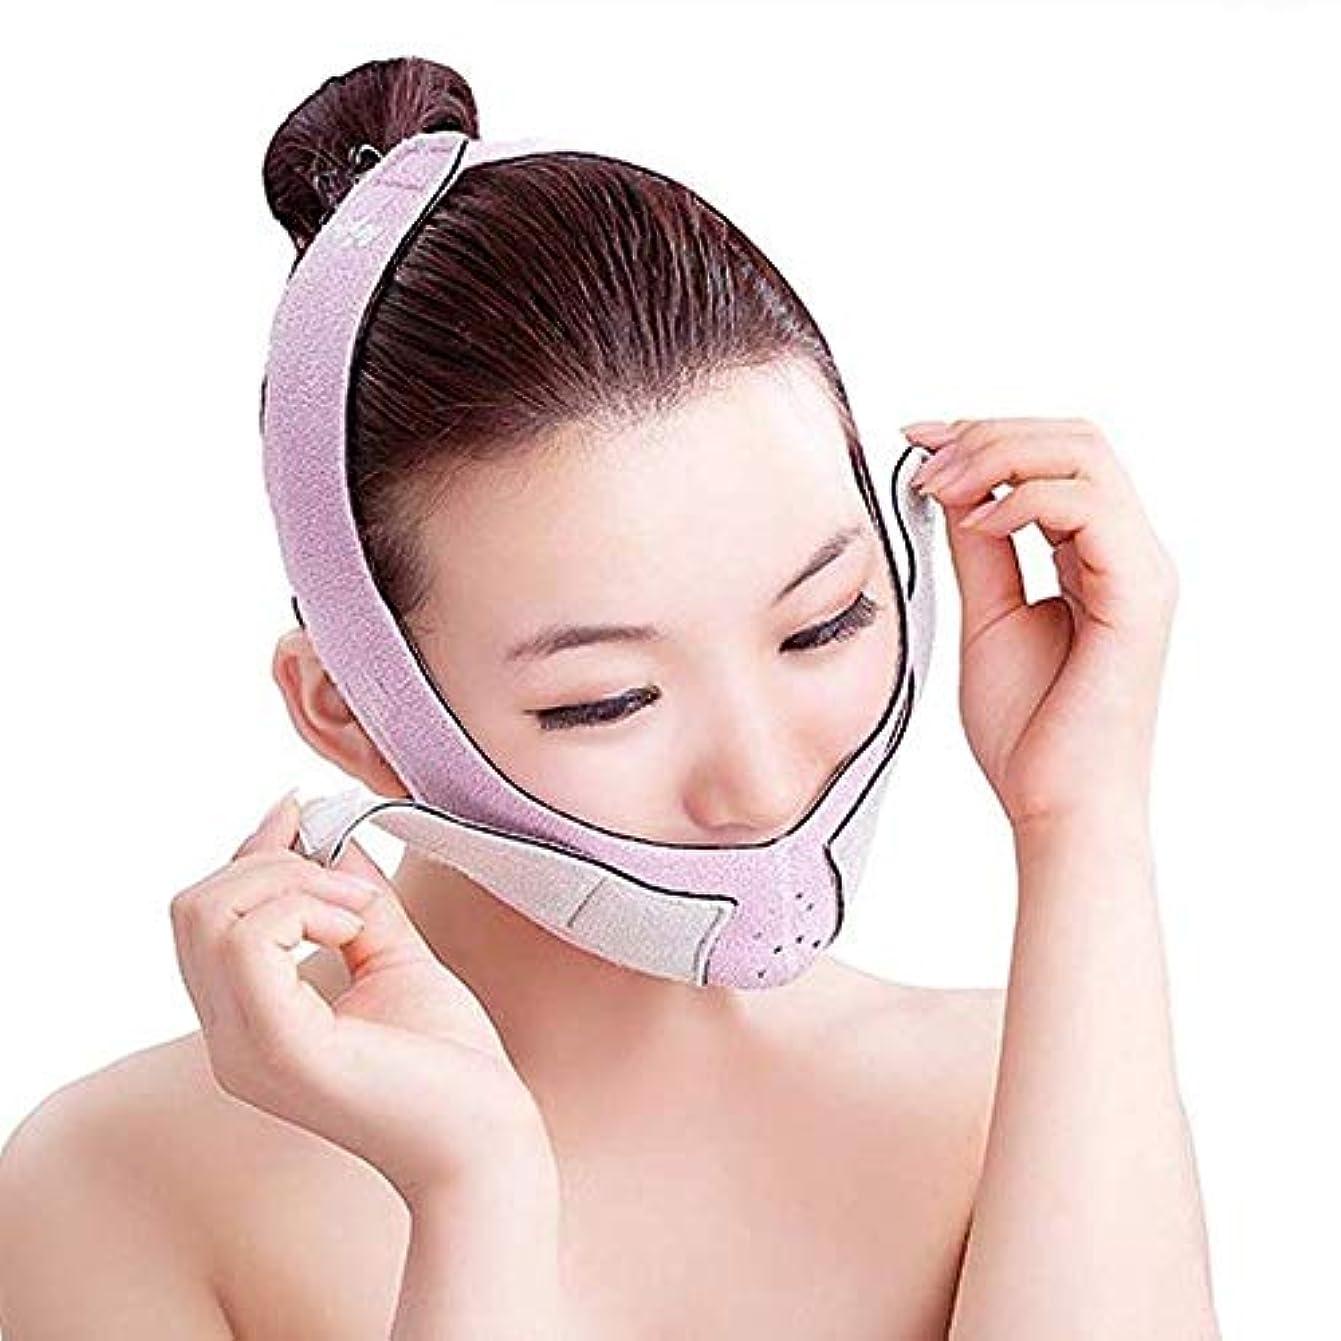 磁気昼食全員HEMFV フェイススリミングマスク、3Dフェイスリフトスリミングフェイシャルマスク、皮膚のたるみを排除 - アンチエイジング痛み無料ウェイVフェイスラインベルトチンチークスリムリフト